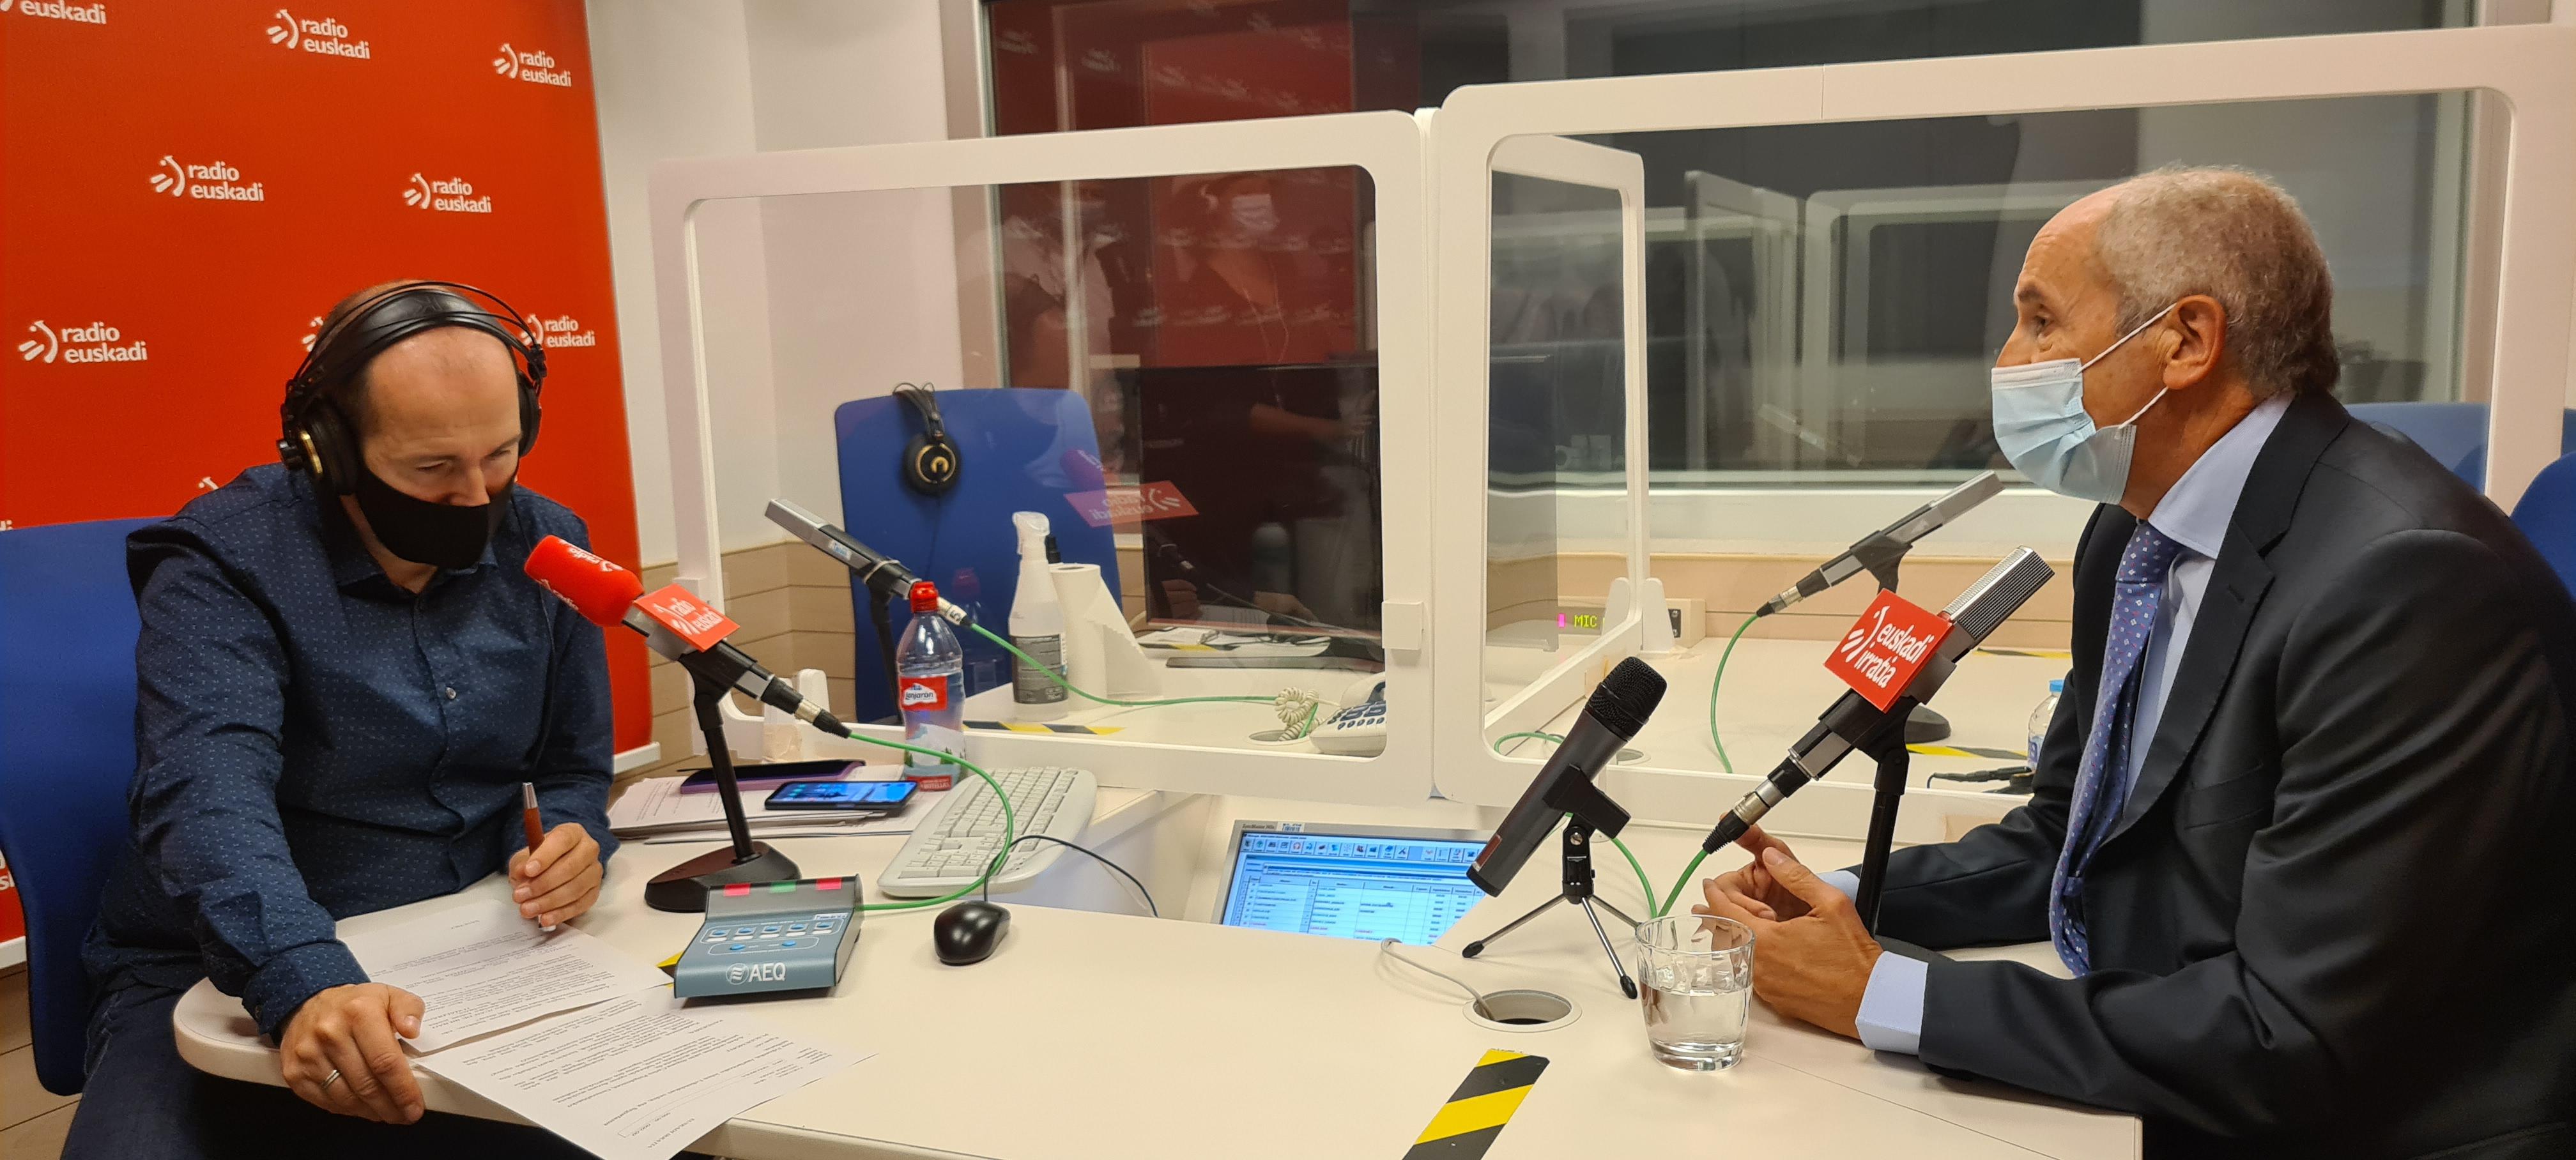 Entrevista_Erkoreka_EuskadiIrratia_Elkarrizketa__4_.jpg